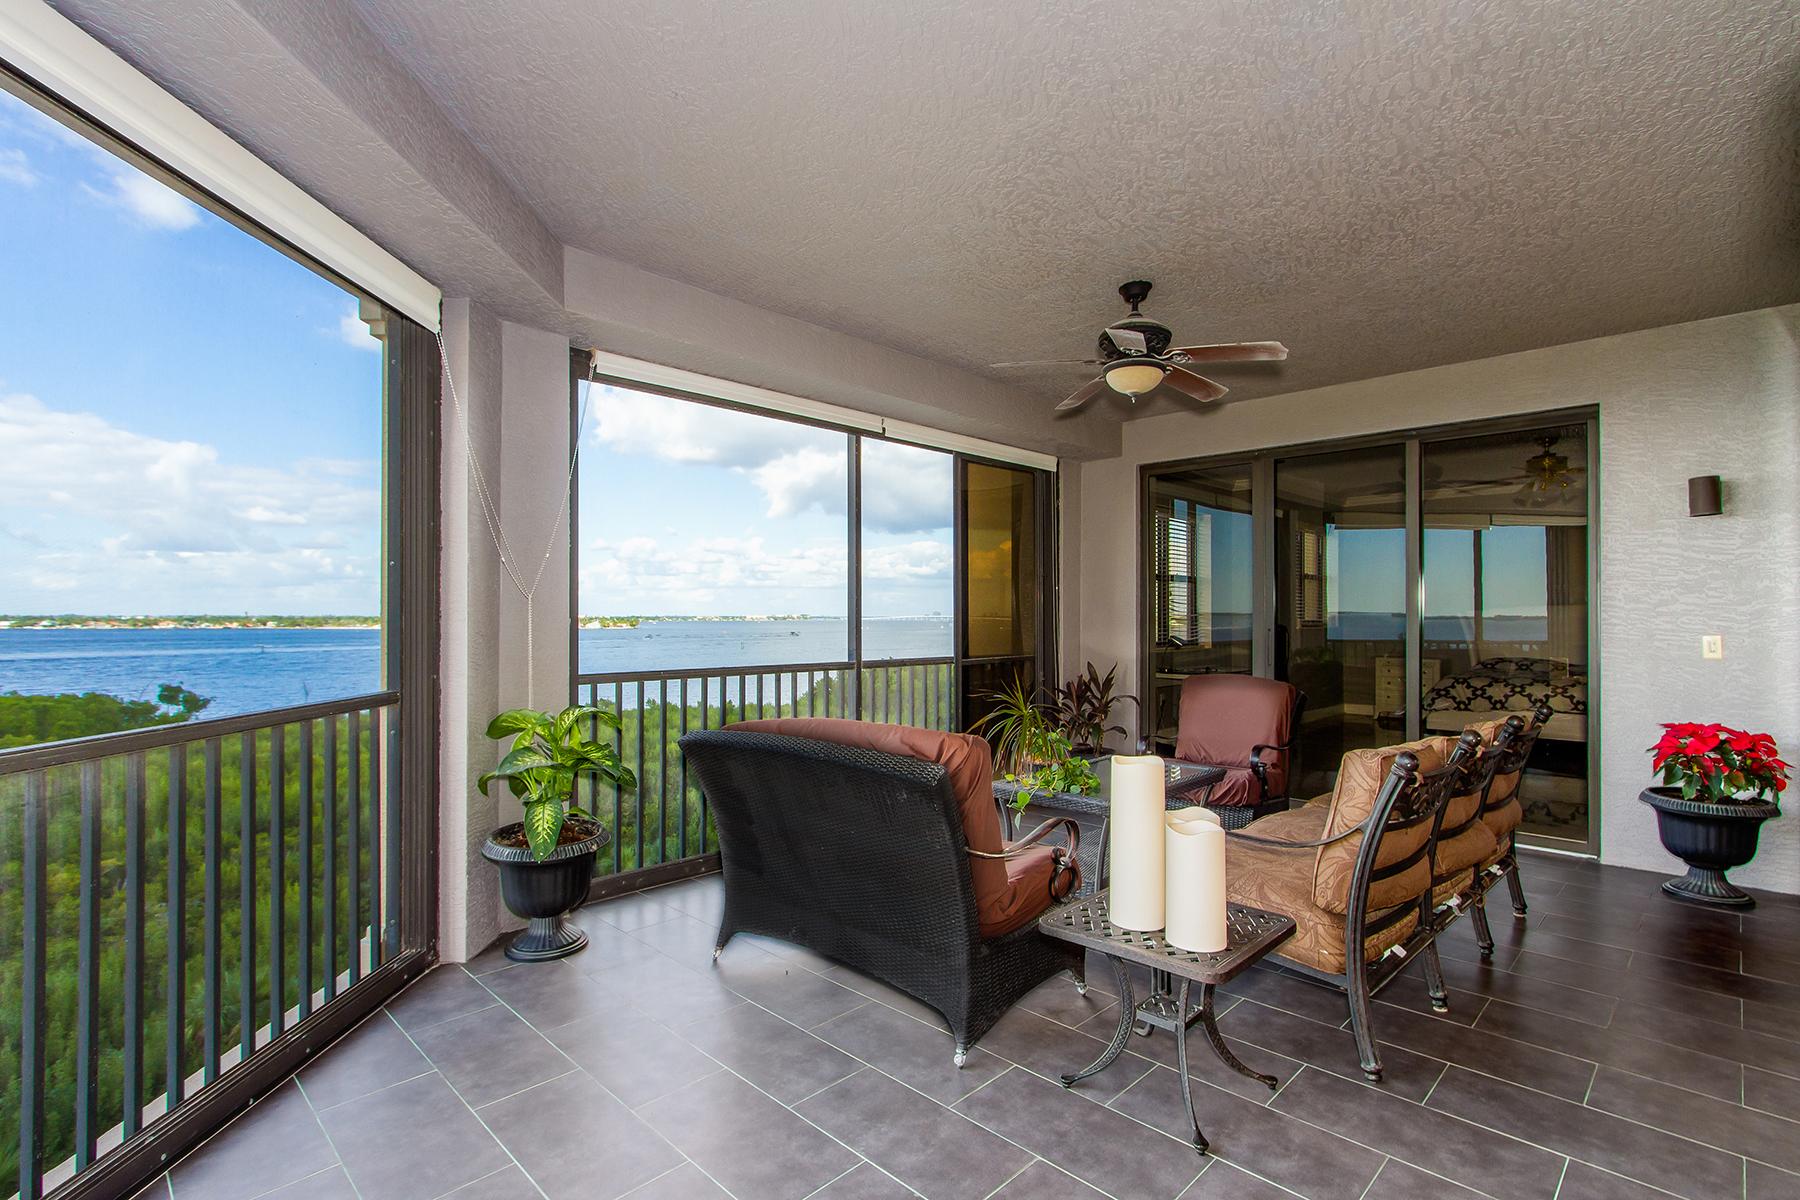 共管物業 為 出售 在 GULF HARBOUR YACHT & COUNTRY CLUB - PALMAS DEL SOL 11600 Court Of Palms 402 Fort Myers, 佛羅里達州, 33908 美國